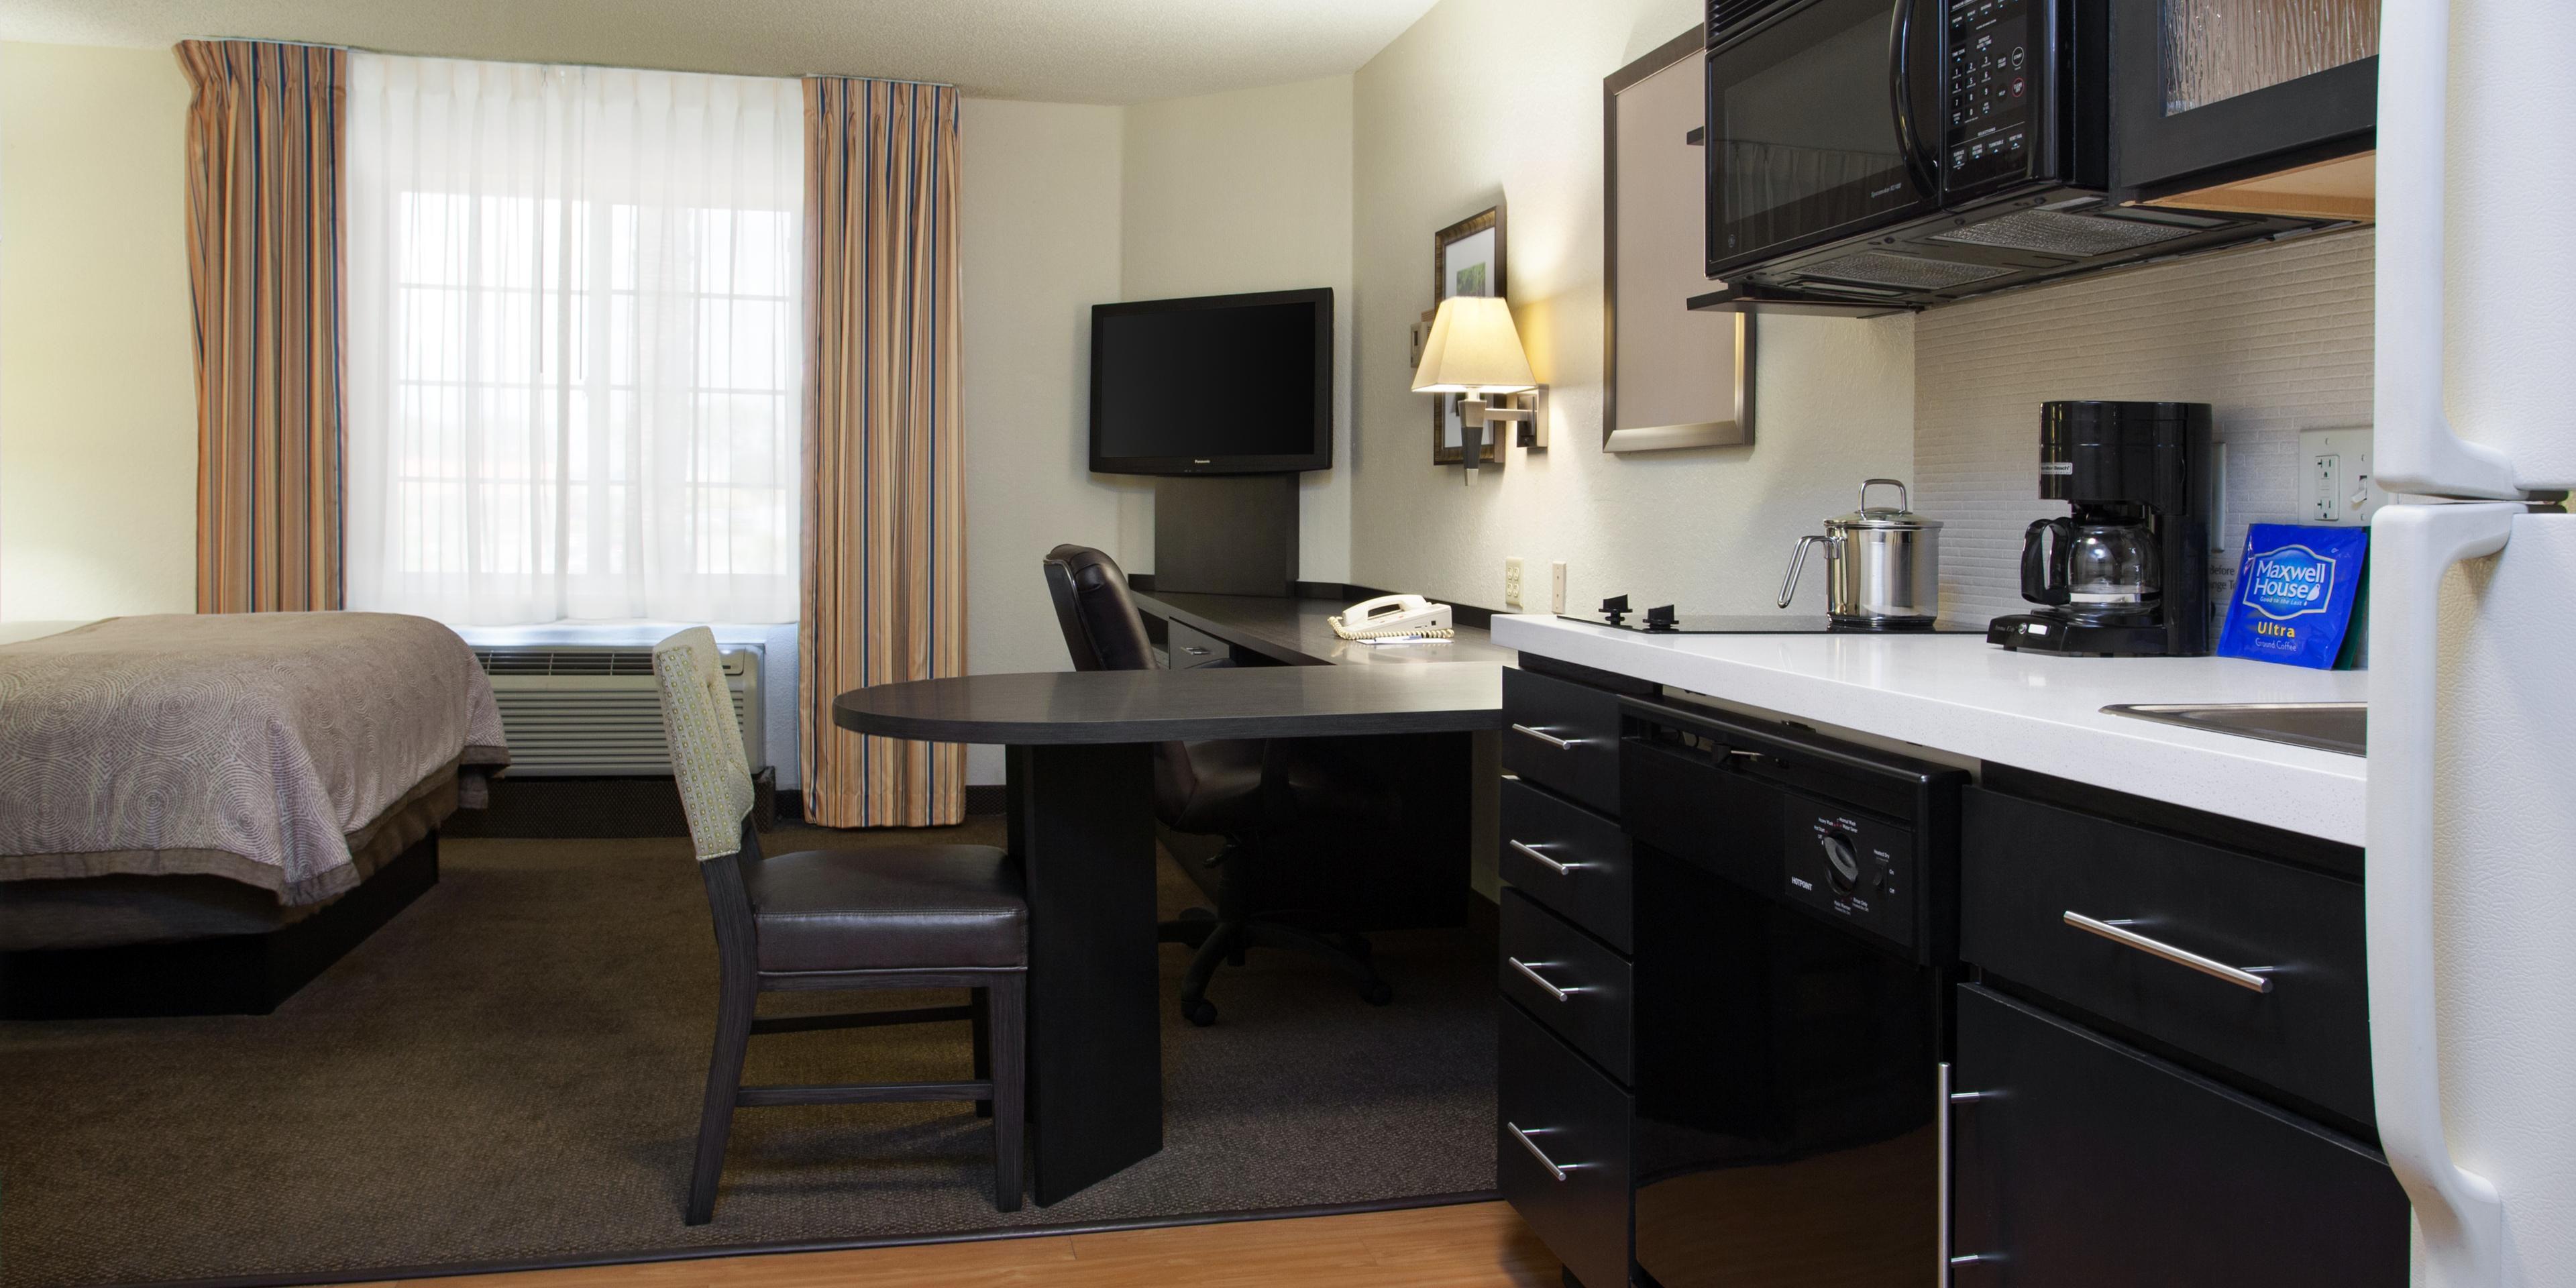 2 Bedroom Suites Near Charlotte Nc Staybridge